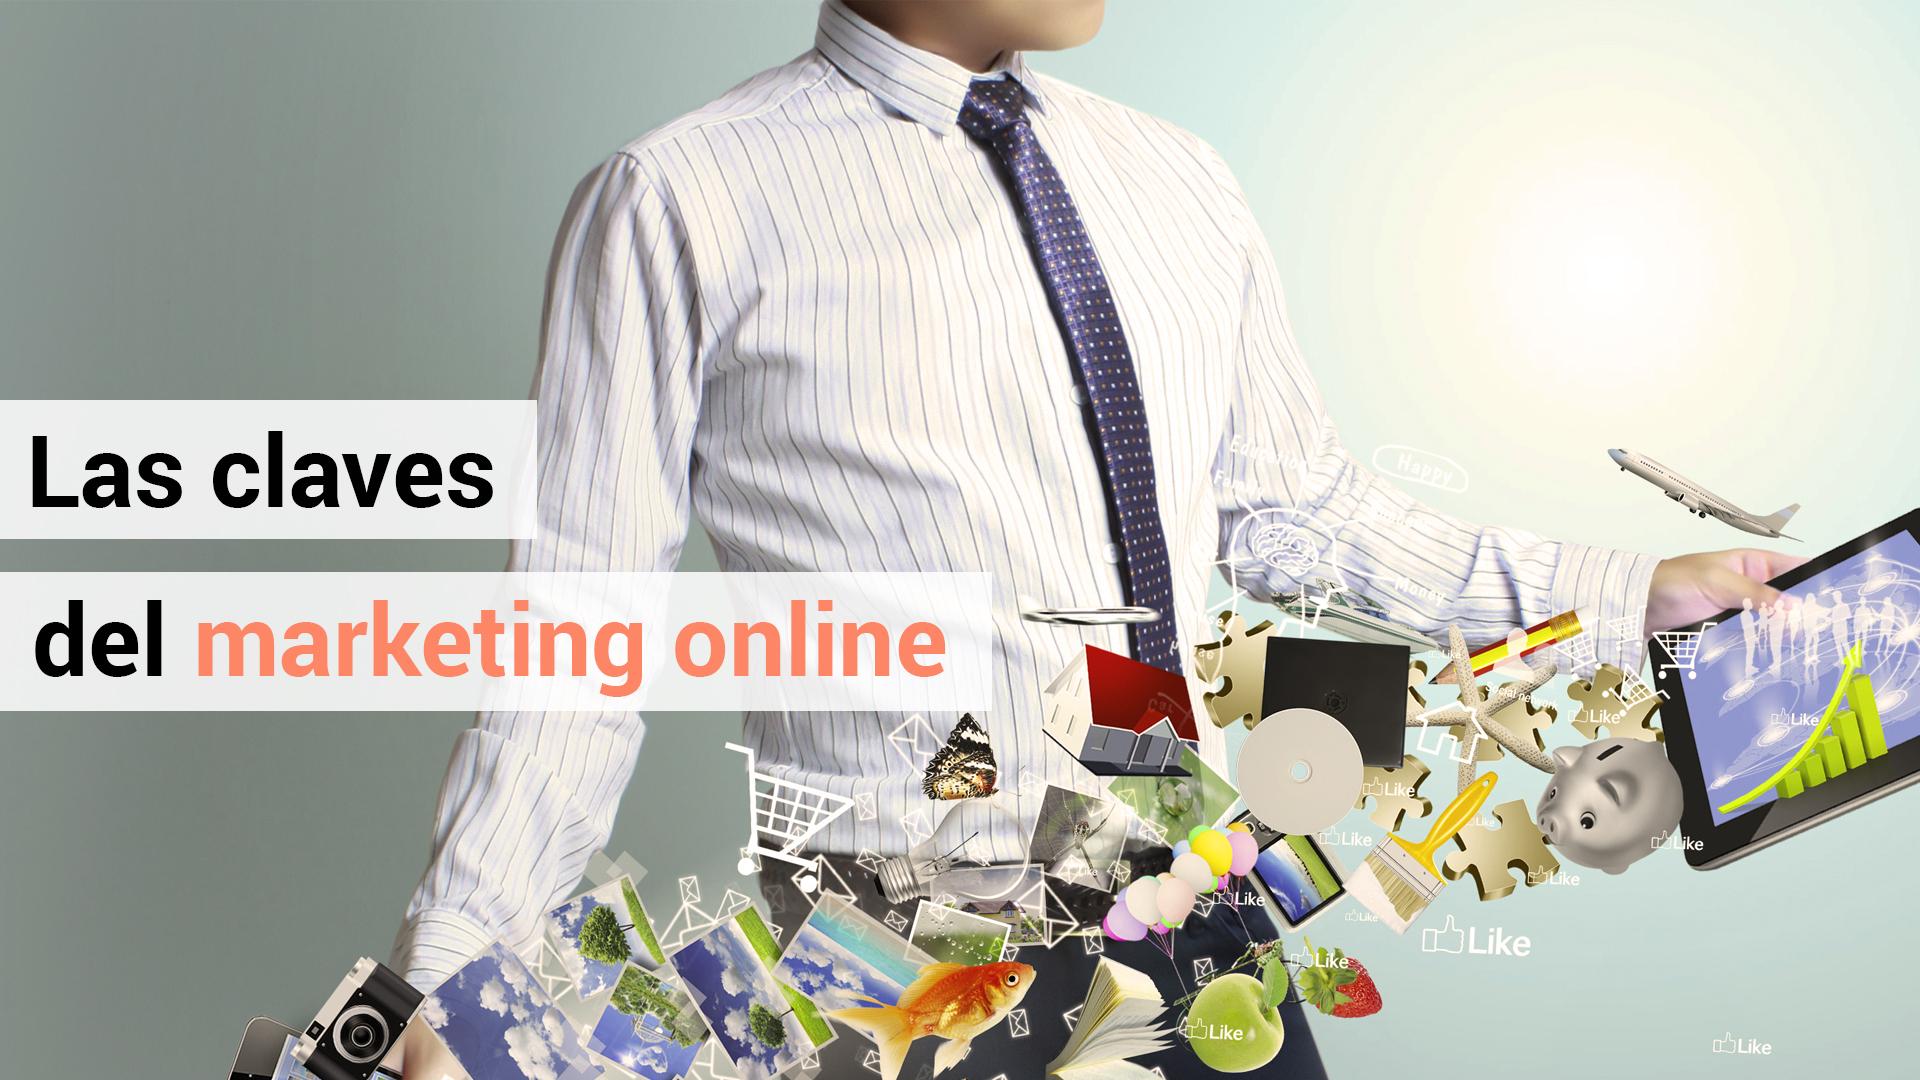 Las 3 claves del marketing online